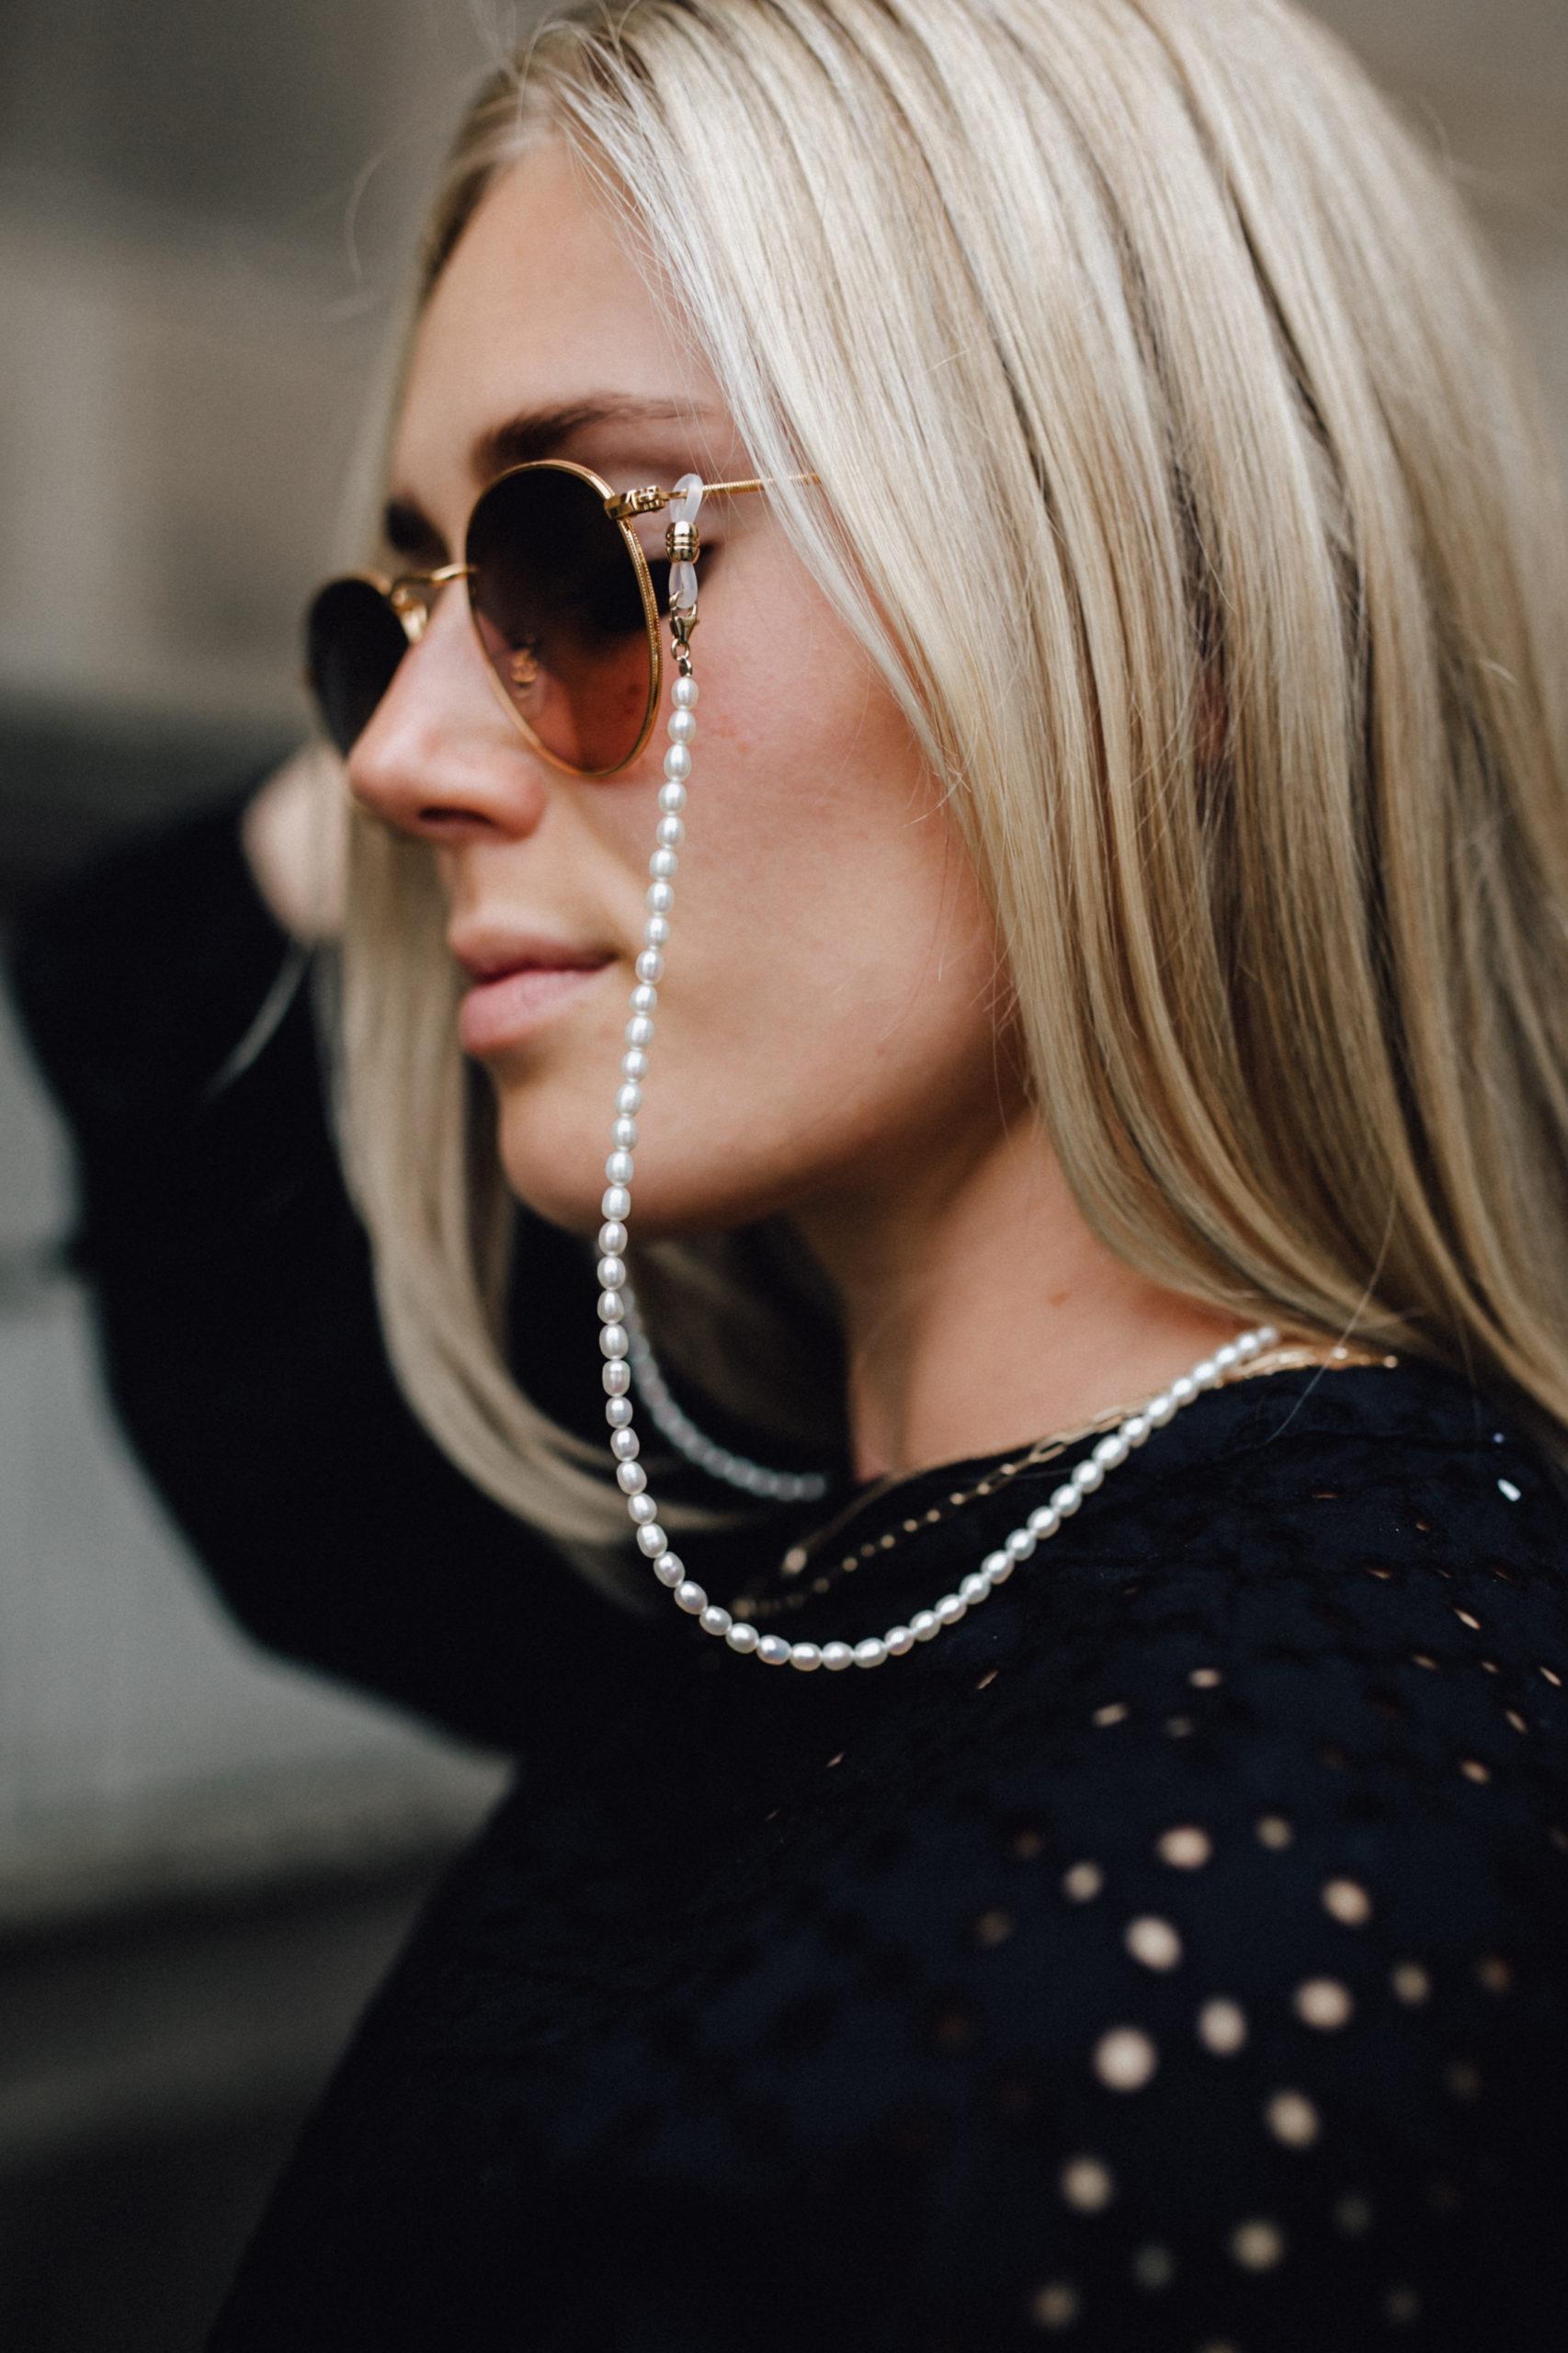 Brillenkette Perlen Bruna, BRUNA Brillenkette, Outfit: Lady in Black auf dem österreichischen Lifestyle Blog Bits and Bobs by Eva. Mehr Fashion auf www.bitsandbobsbyeva.com